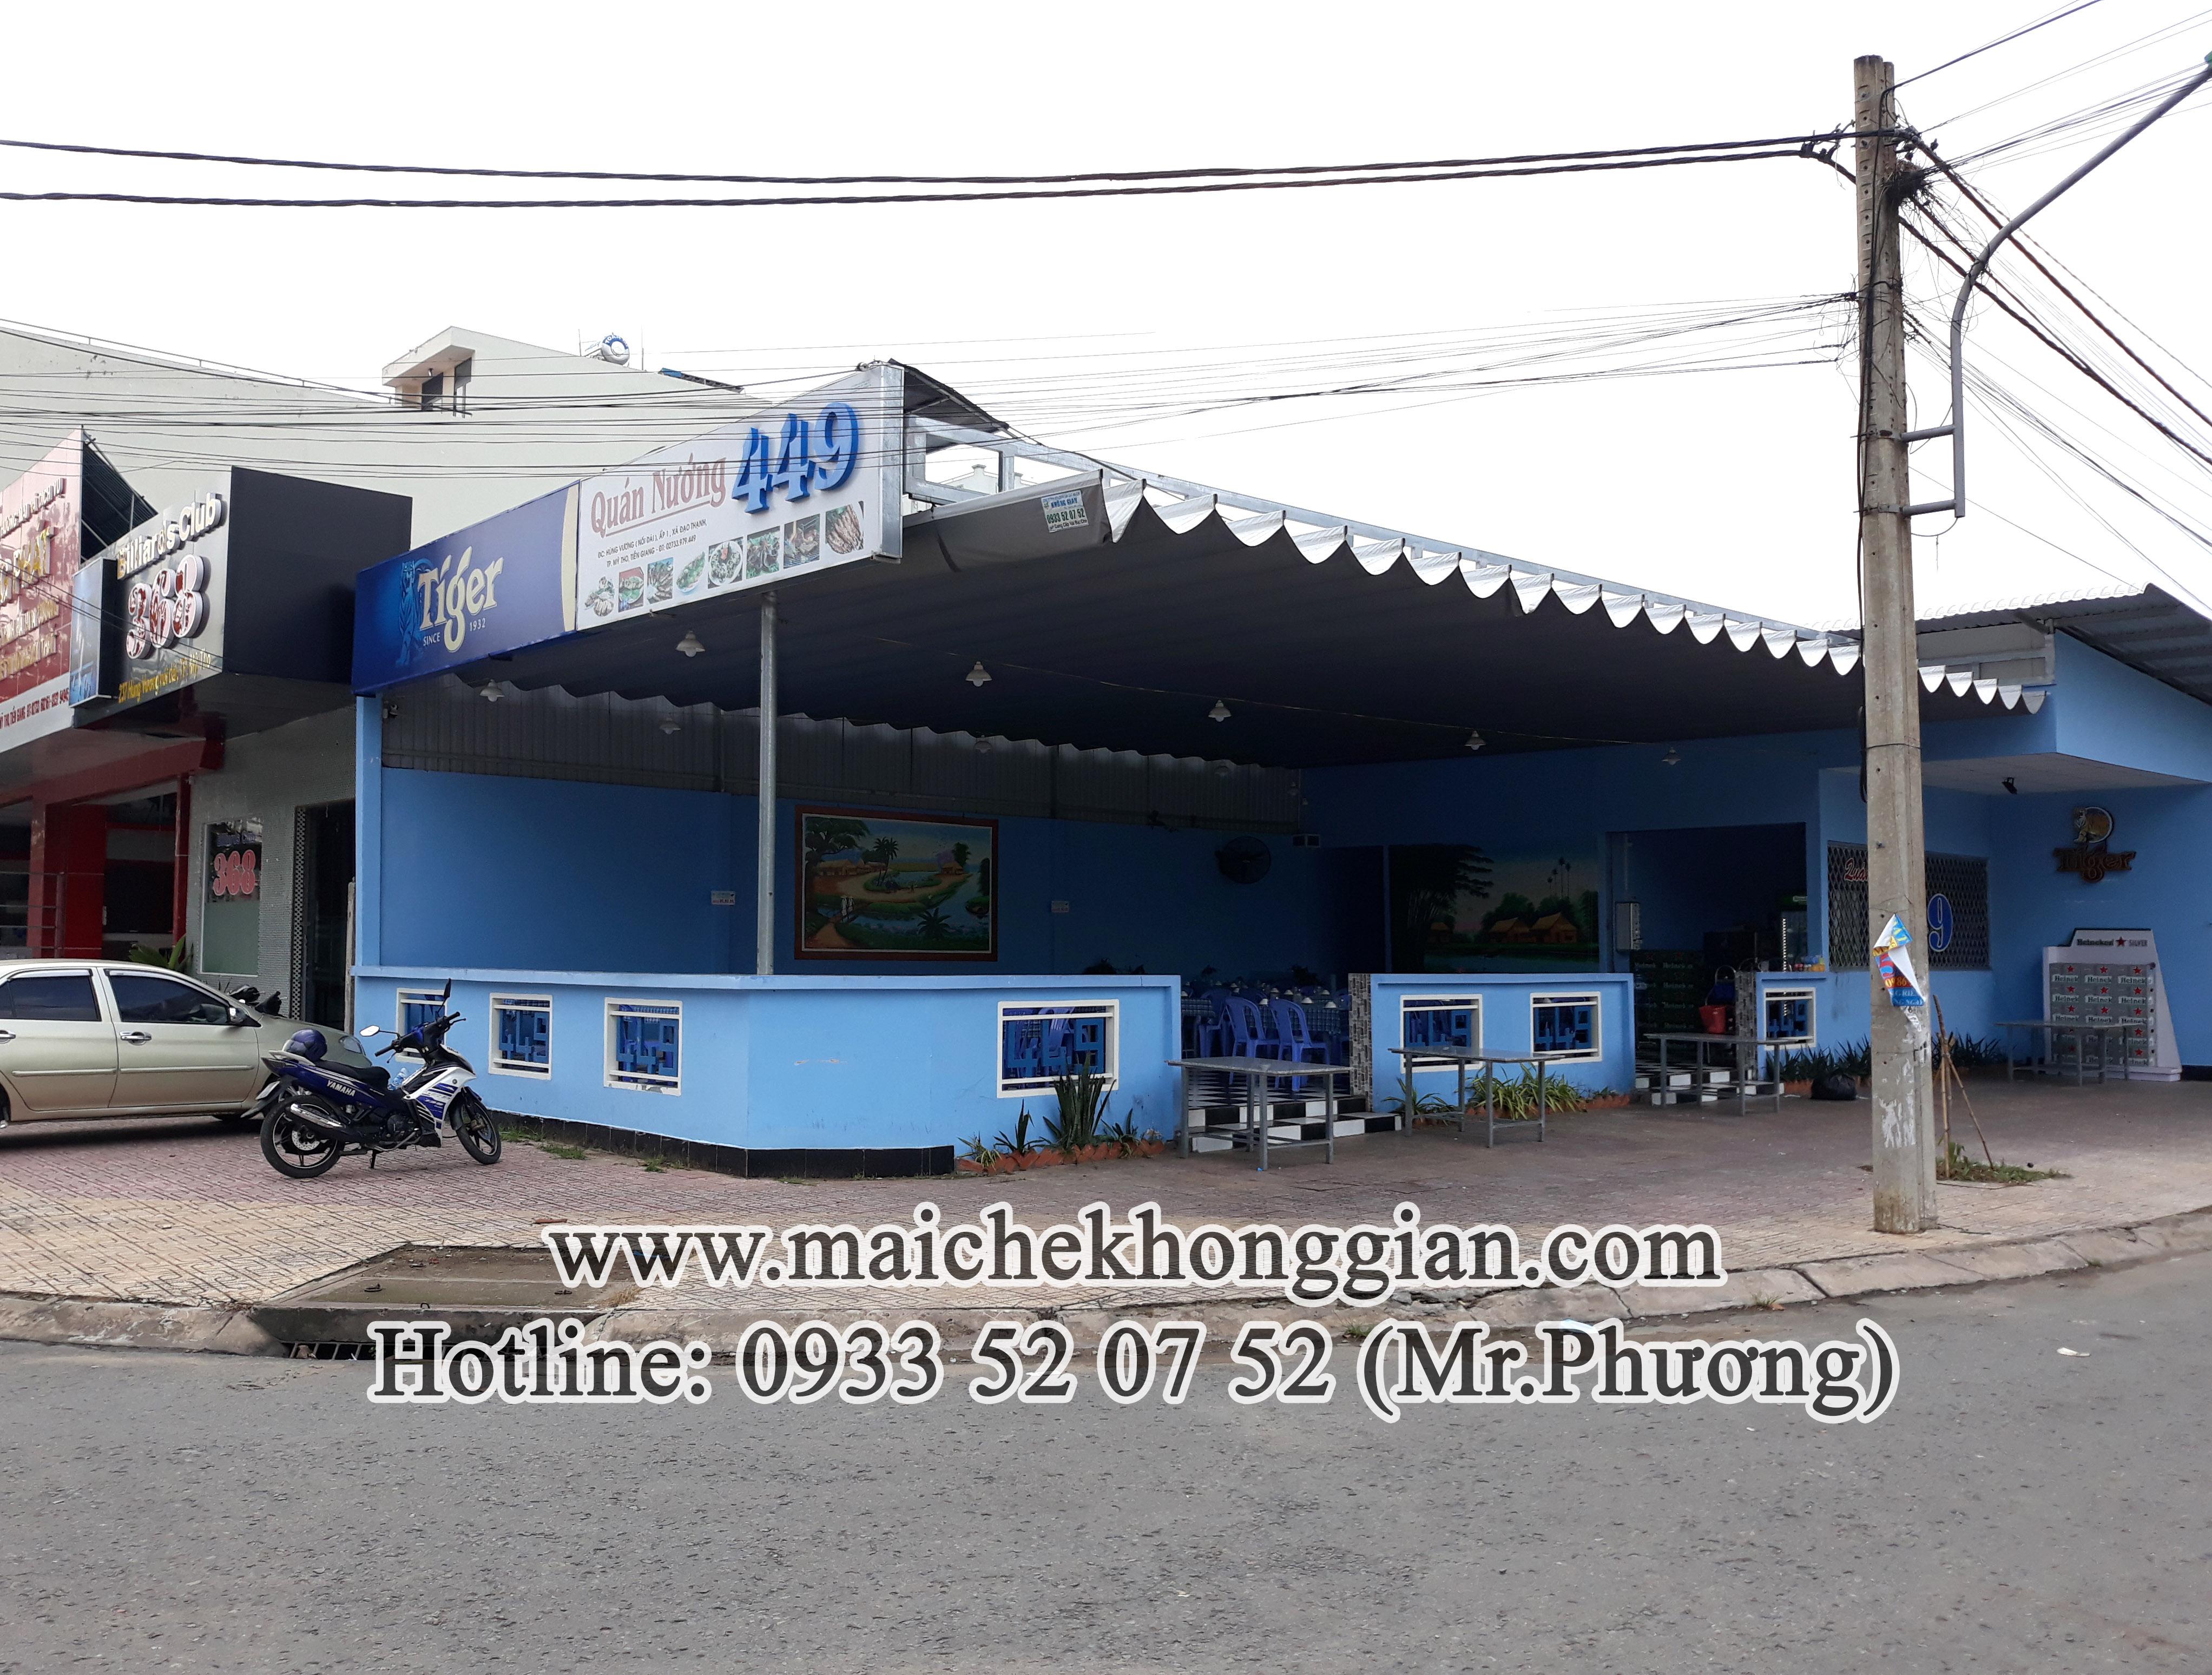 Thay bạt mái che thị xã Bình Minh Vĩnh Long